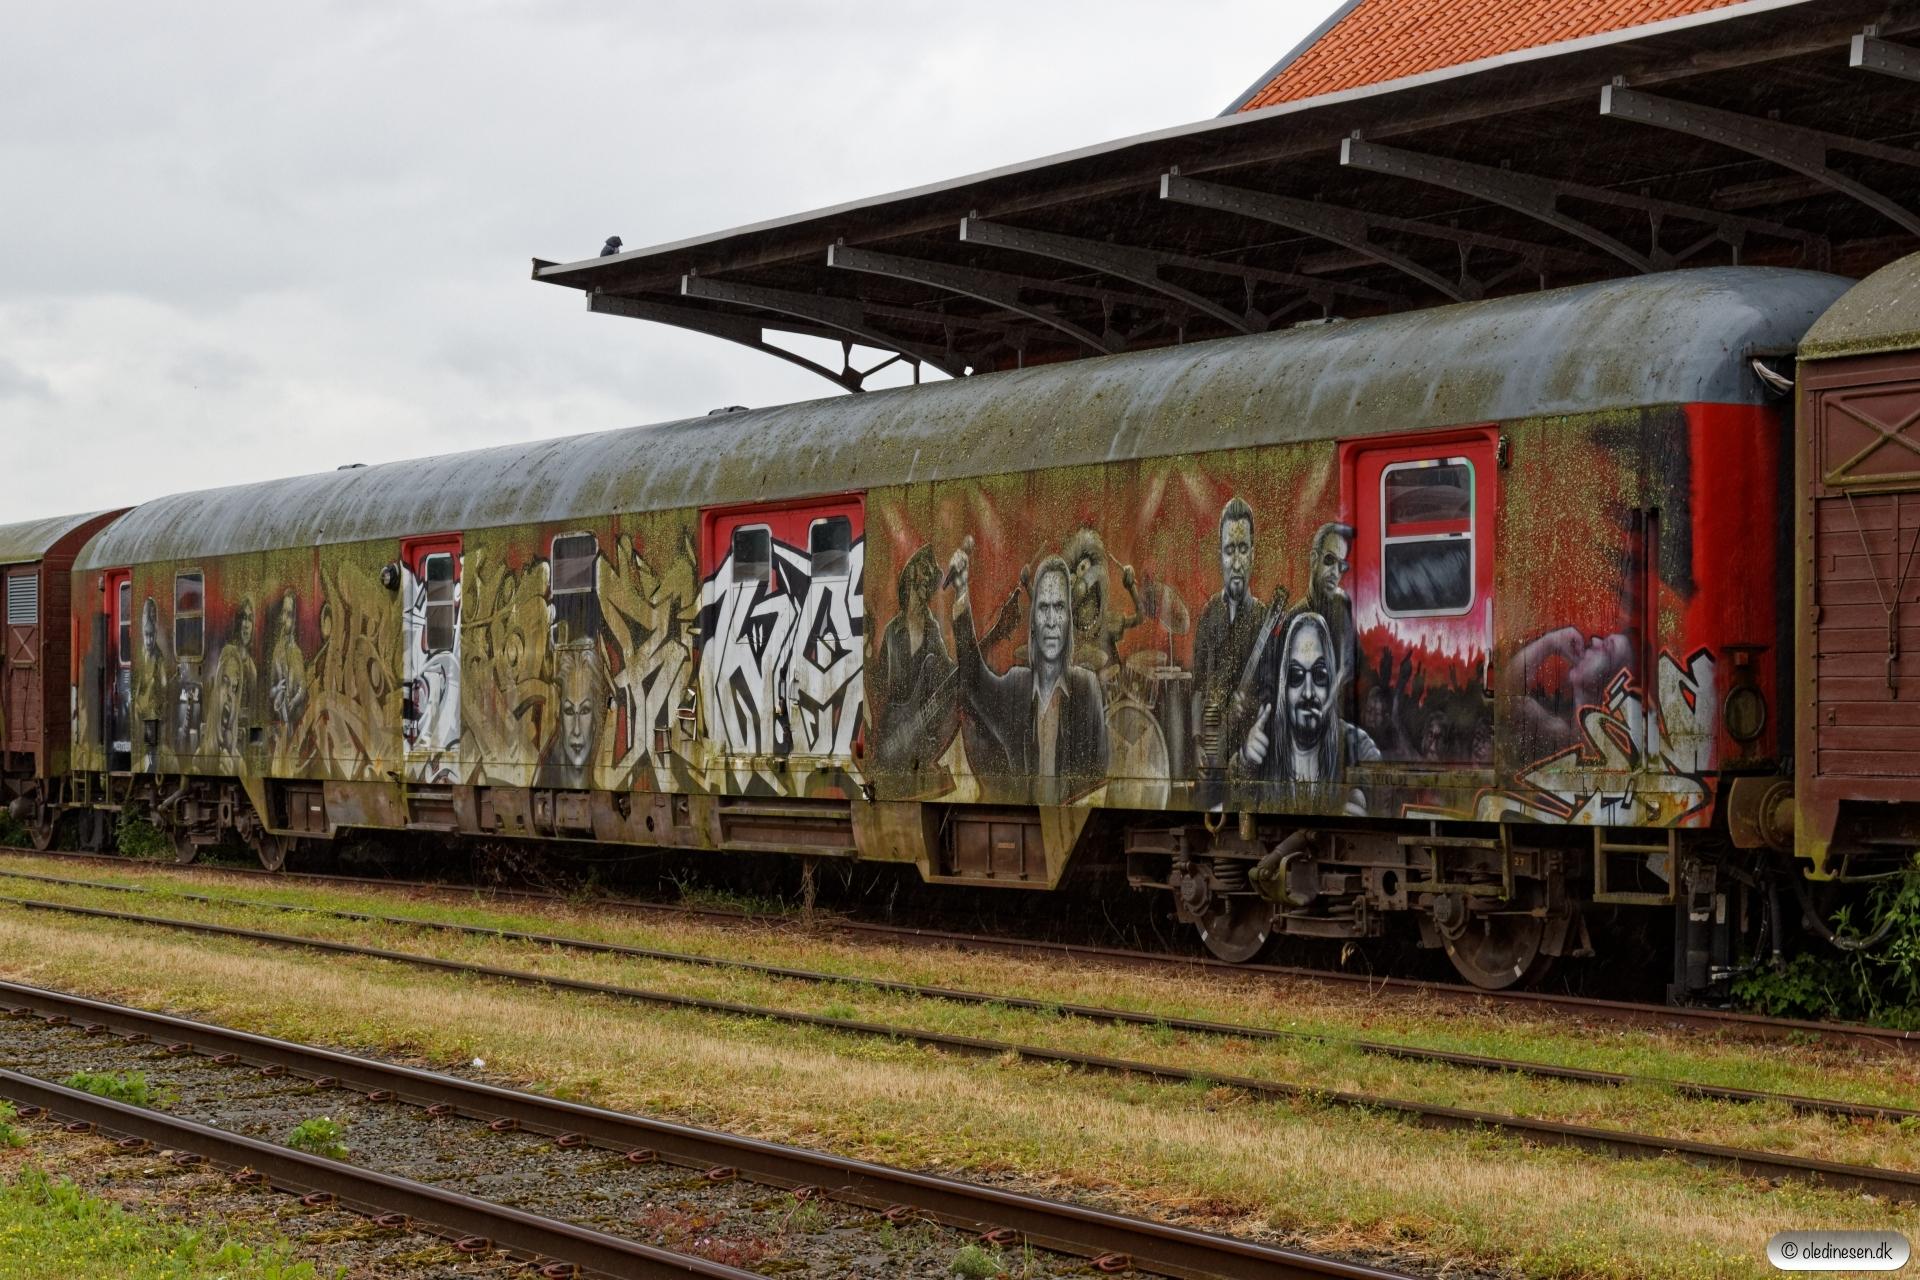 DSB Pbm 50 86 90-44 750-5 - Tilhørende Spillestedet Godset. Kolding 08.06.2019.